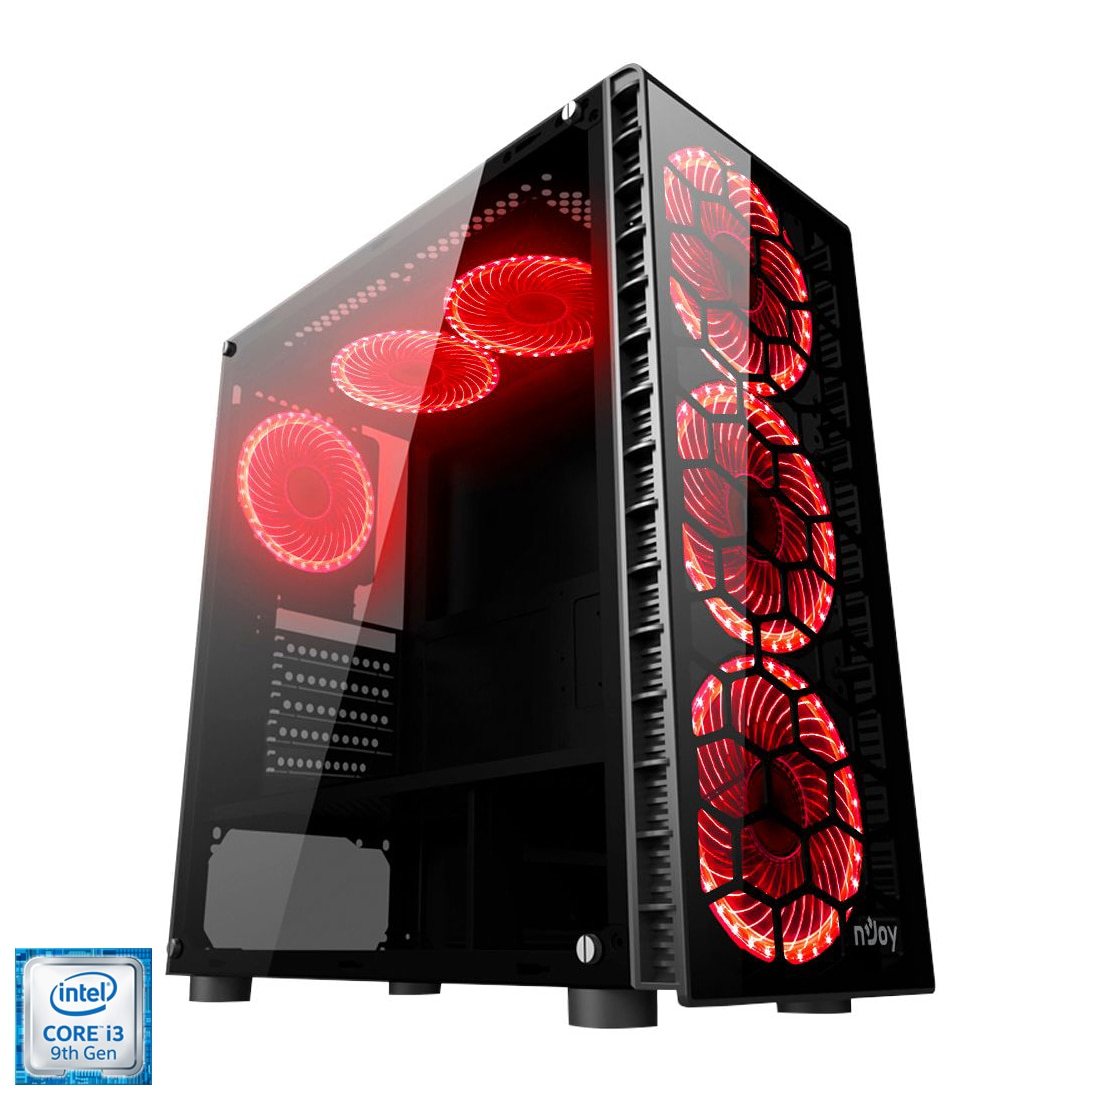 Fotografie Sistem Desktop PC Gaming Serioux cu procesor Intel® Core™ i3-9100F pana la 4.20GHz, 8GB DDR4, 1TB HDD, 120GB SSD, Radeon™ RX 570 4GB GDDR5